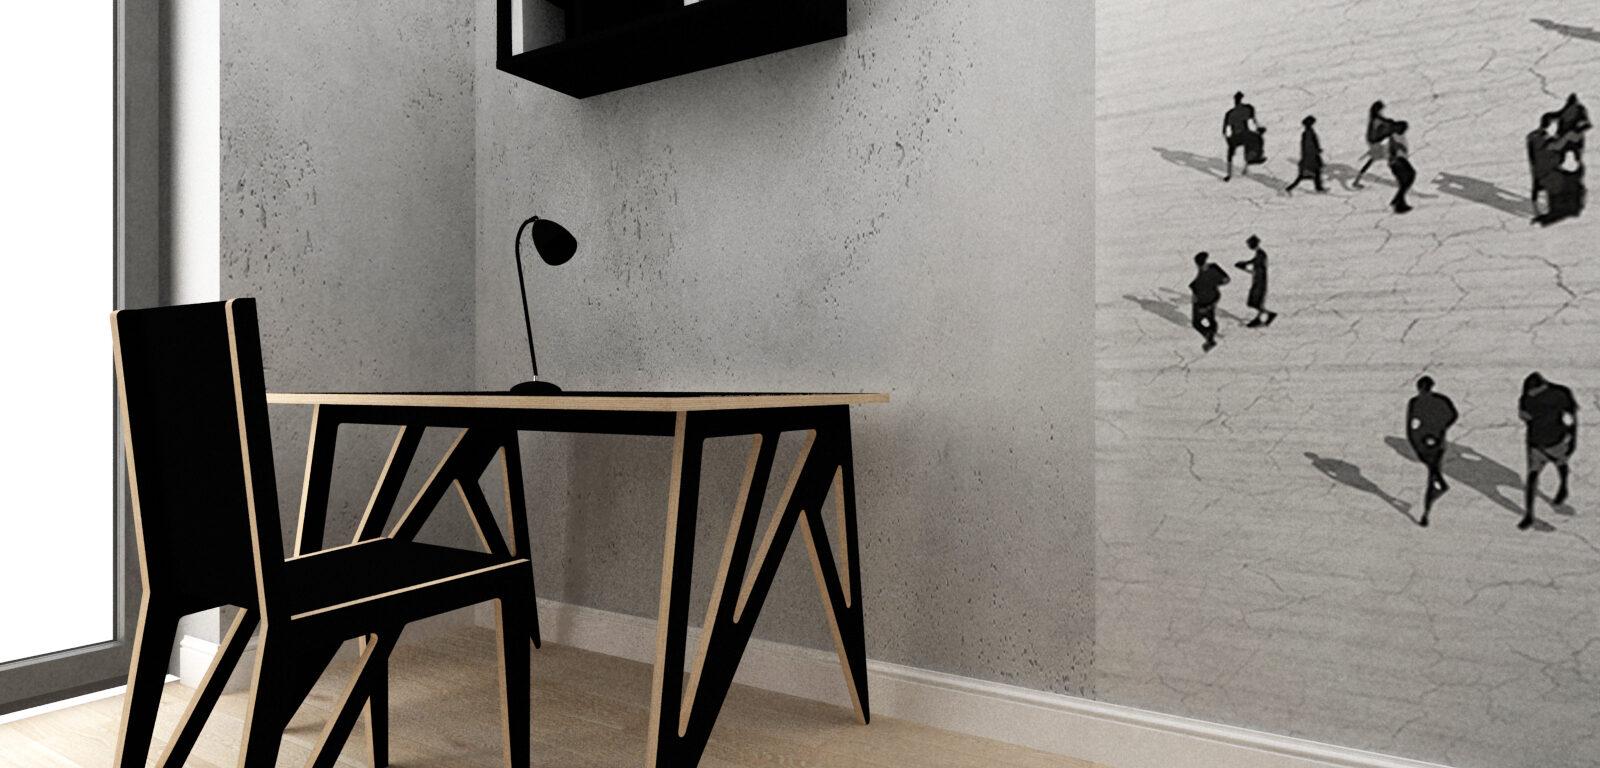 Nowoczesne biurko i krzesło ze sklejki